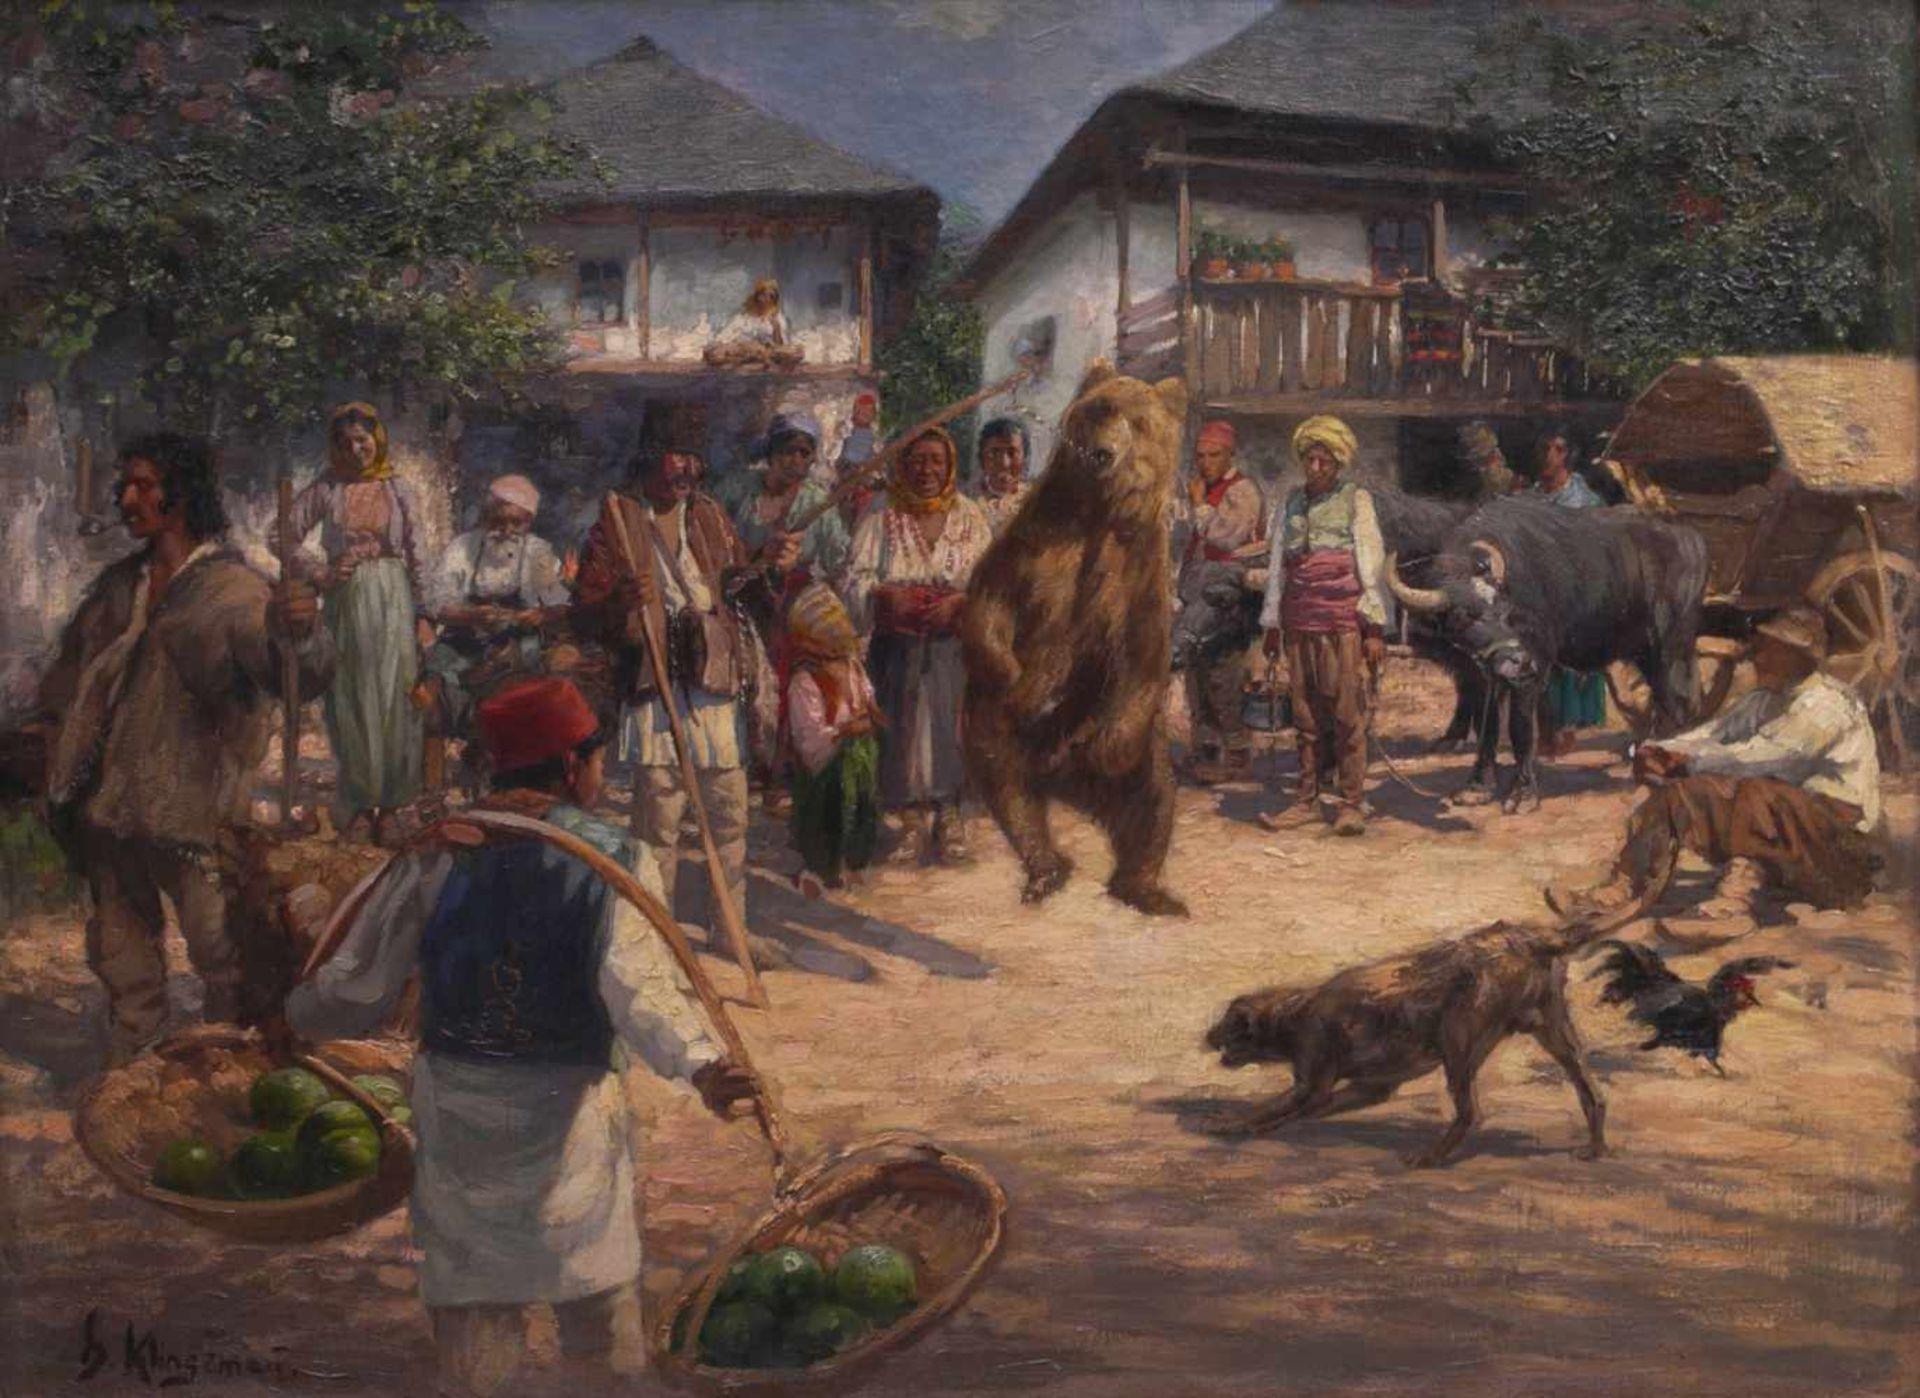 Klingemann, Hugo (1869-1942) - Tanzbär in RumänienDörfliche Szenerie, die Gemeinschaft hat sich - Bild 2 aus 6